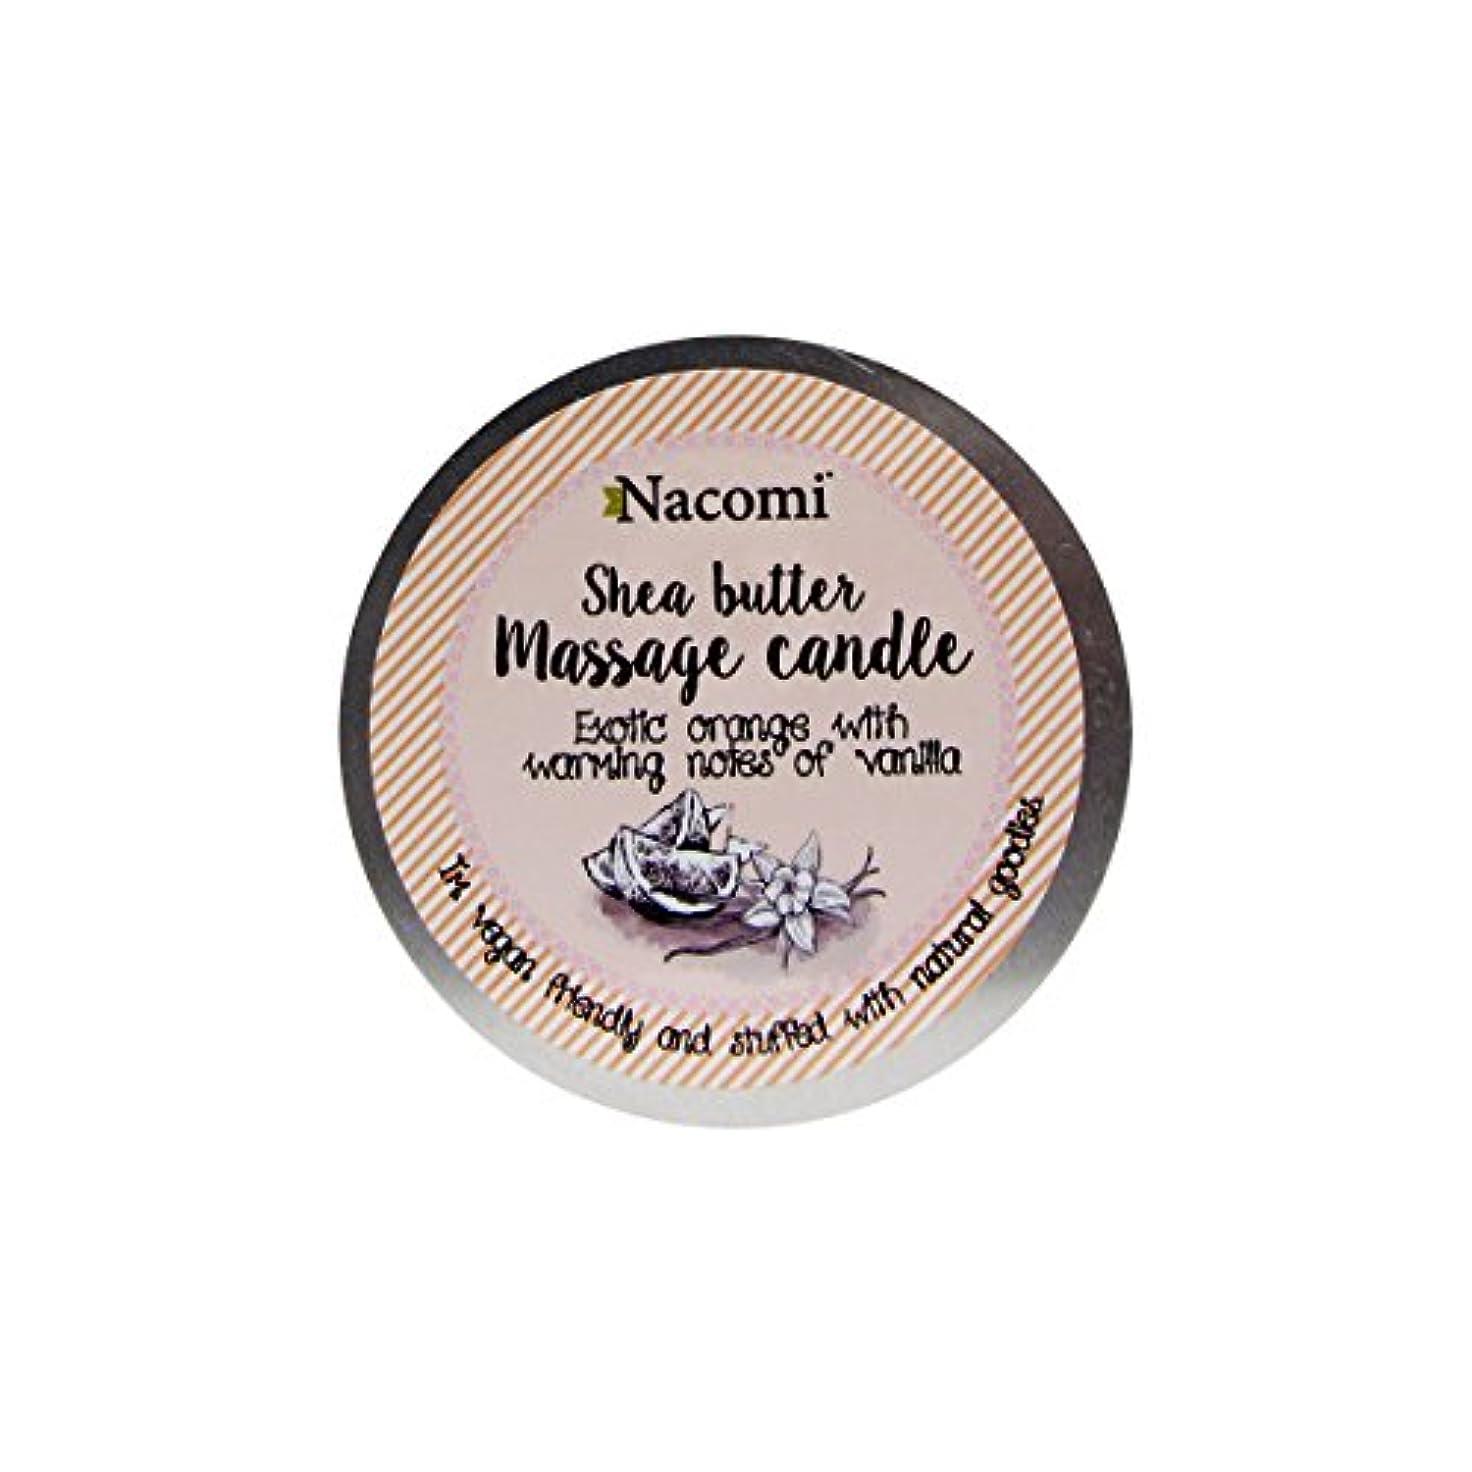 全部納税者永久Nacomi Shea Butter Massage Candle Exotic Orange With Warming Notes Of Vanilla 150g [並行輸入品]